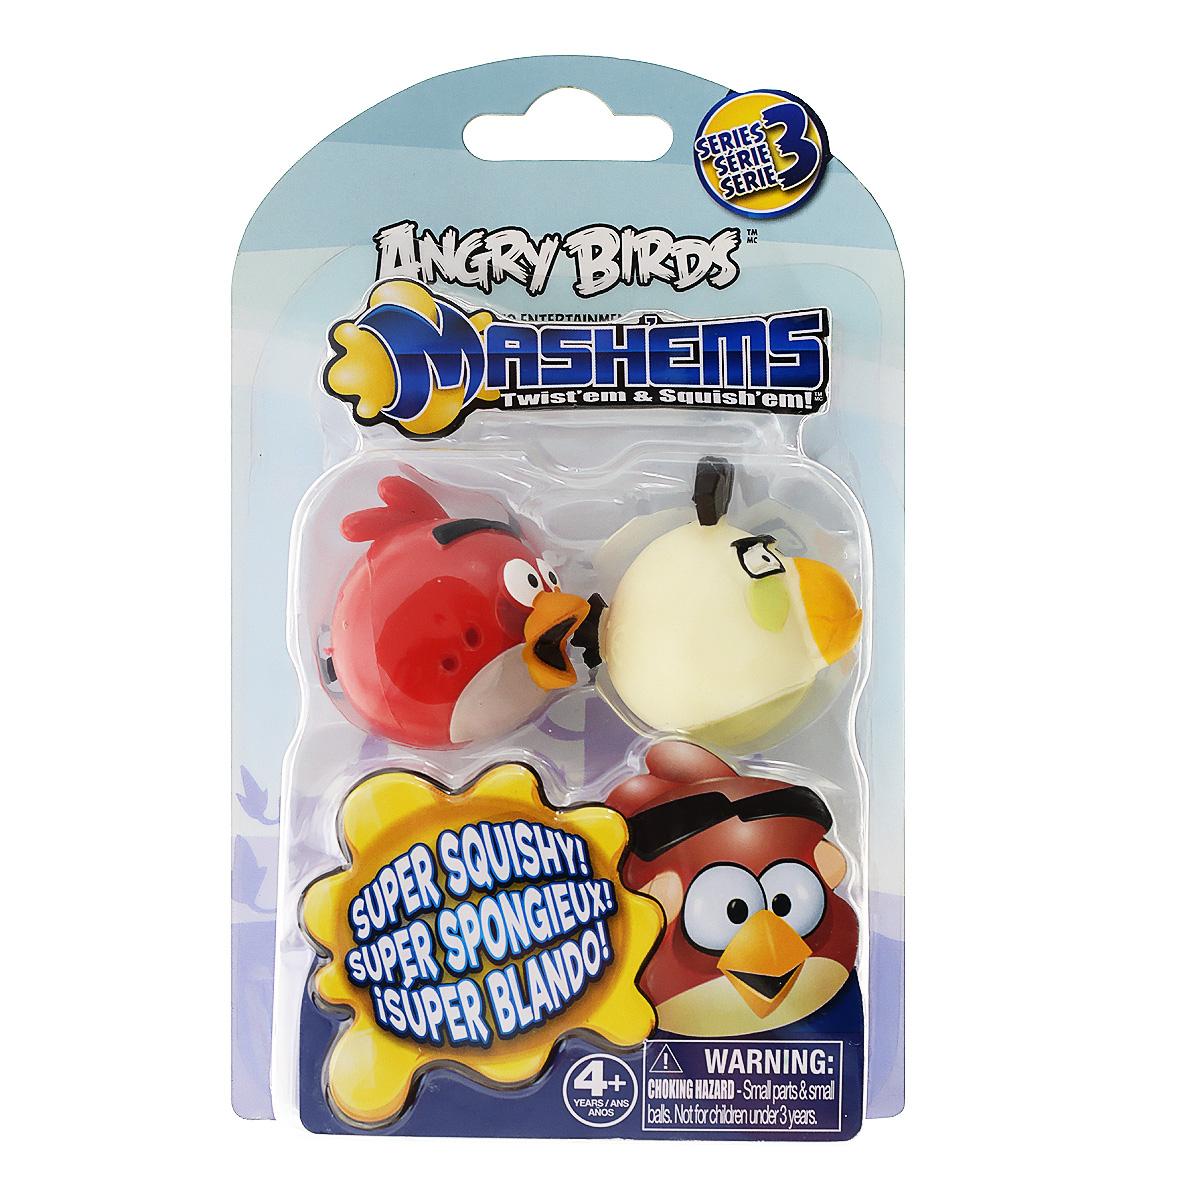 Angry Birds Игрушка-мялка Mashems, 2 шт50281-0000012-03Детская игрушка Angry Birds Mashems - это игрушка-мялка, выполненная в виде персонажа всеми любимой игры Angry Birds. Игрушка выполнена из мягкой резины, внутри которой находиться жидкий наполнитель, благодаря чему она легко изменяет форму и структуру при приложении к ней физической силы, а затем принимает первоначальный вид. В набор входят 2 птички-мялки.